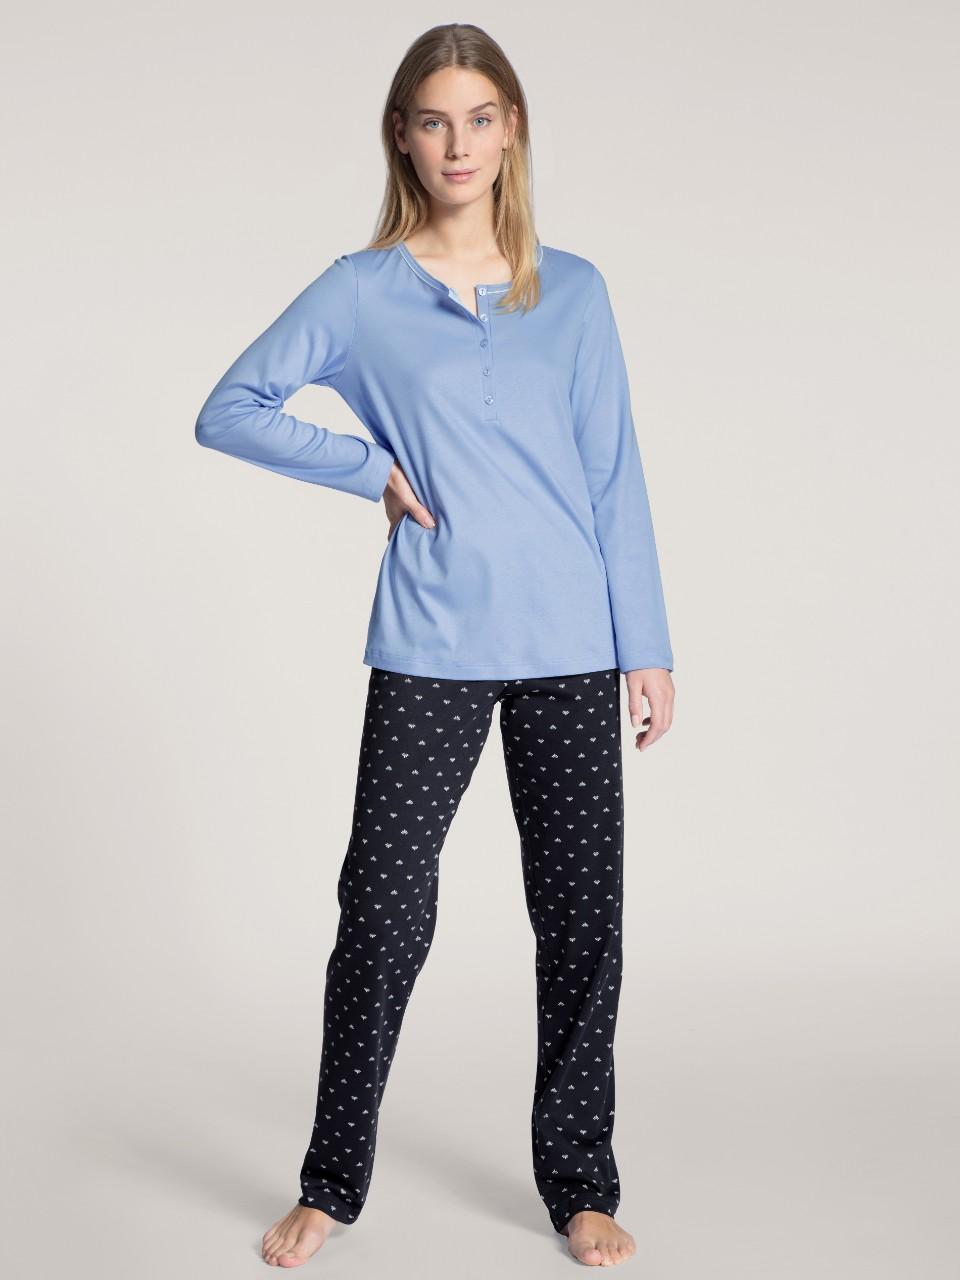 43729 pyjama 100% coton supima Prix 99.95 €